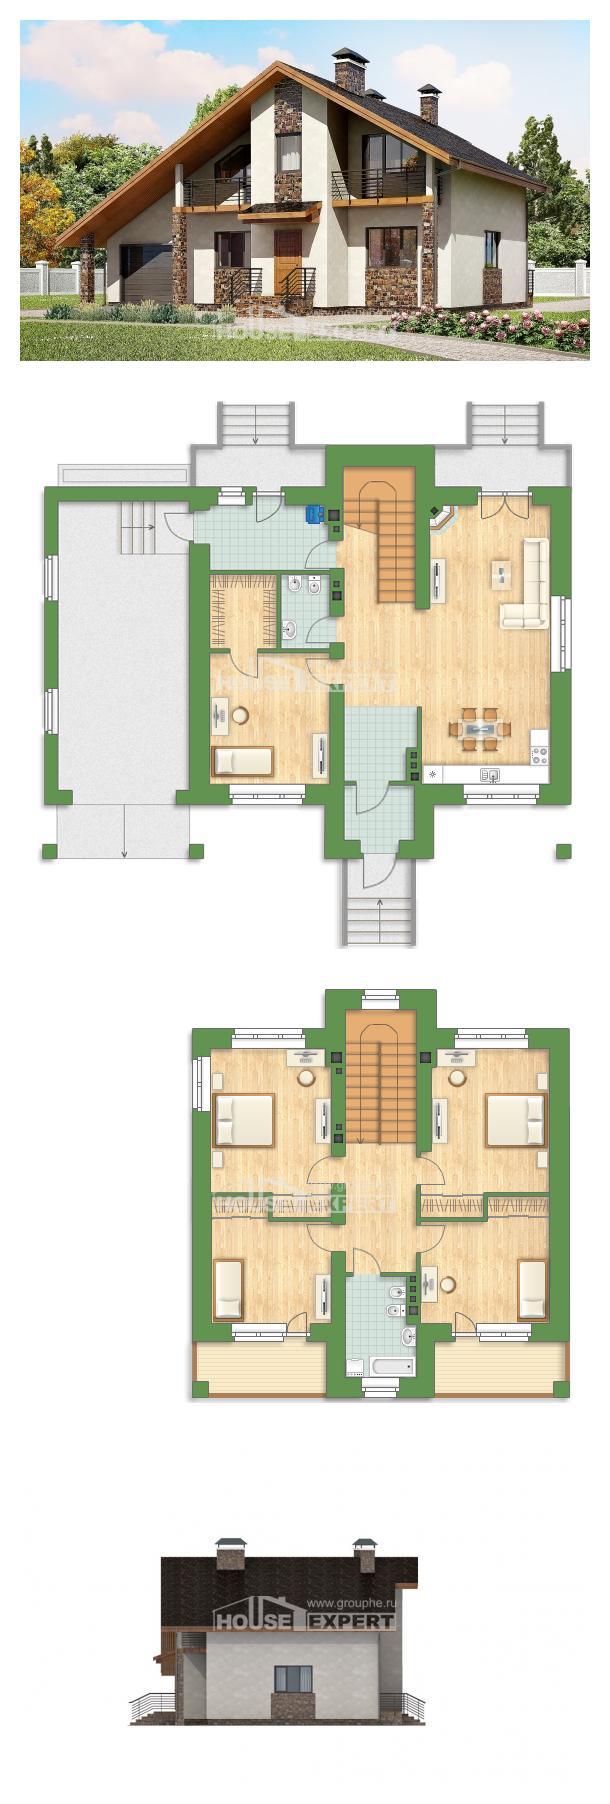 خطة البيت 180-008-L | House Expert